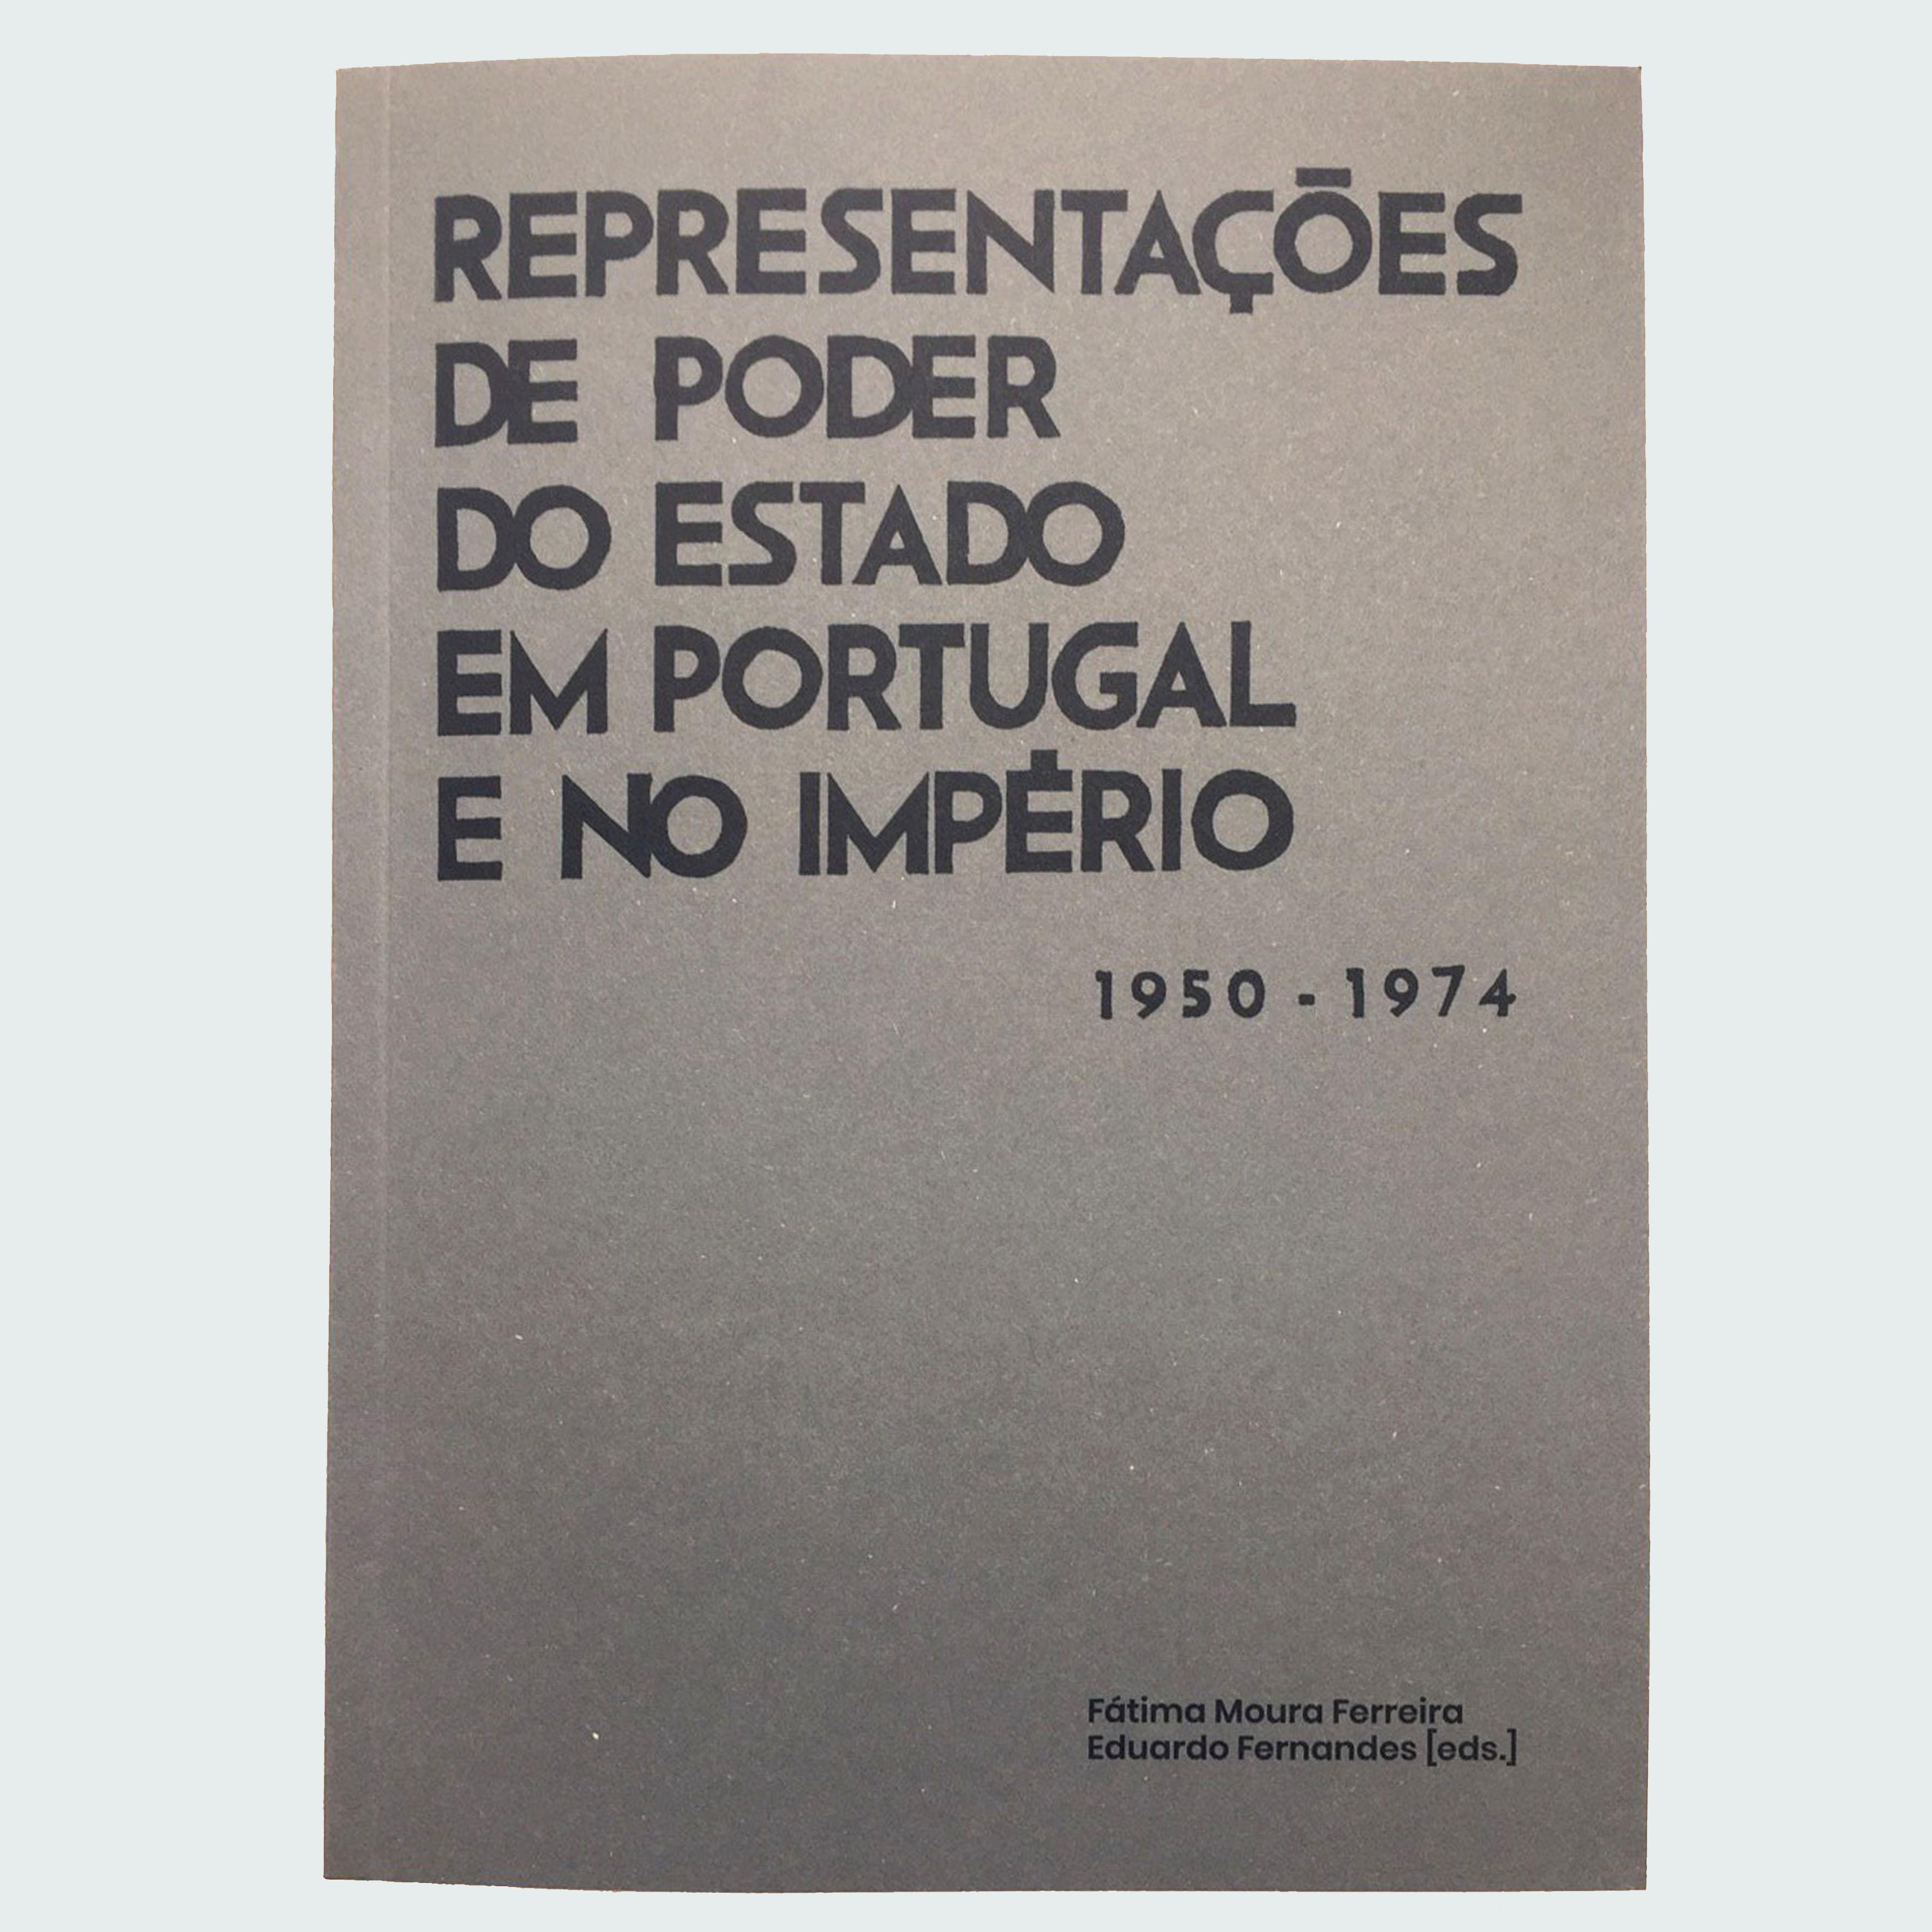 Representações de Poder do Estado em Portugal e no Império 1950 - 1975